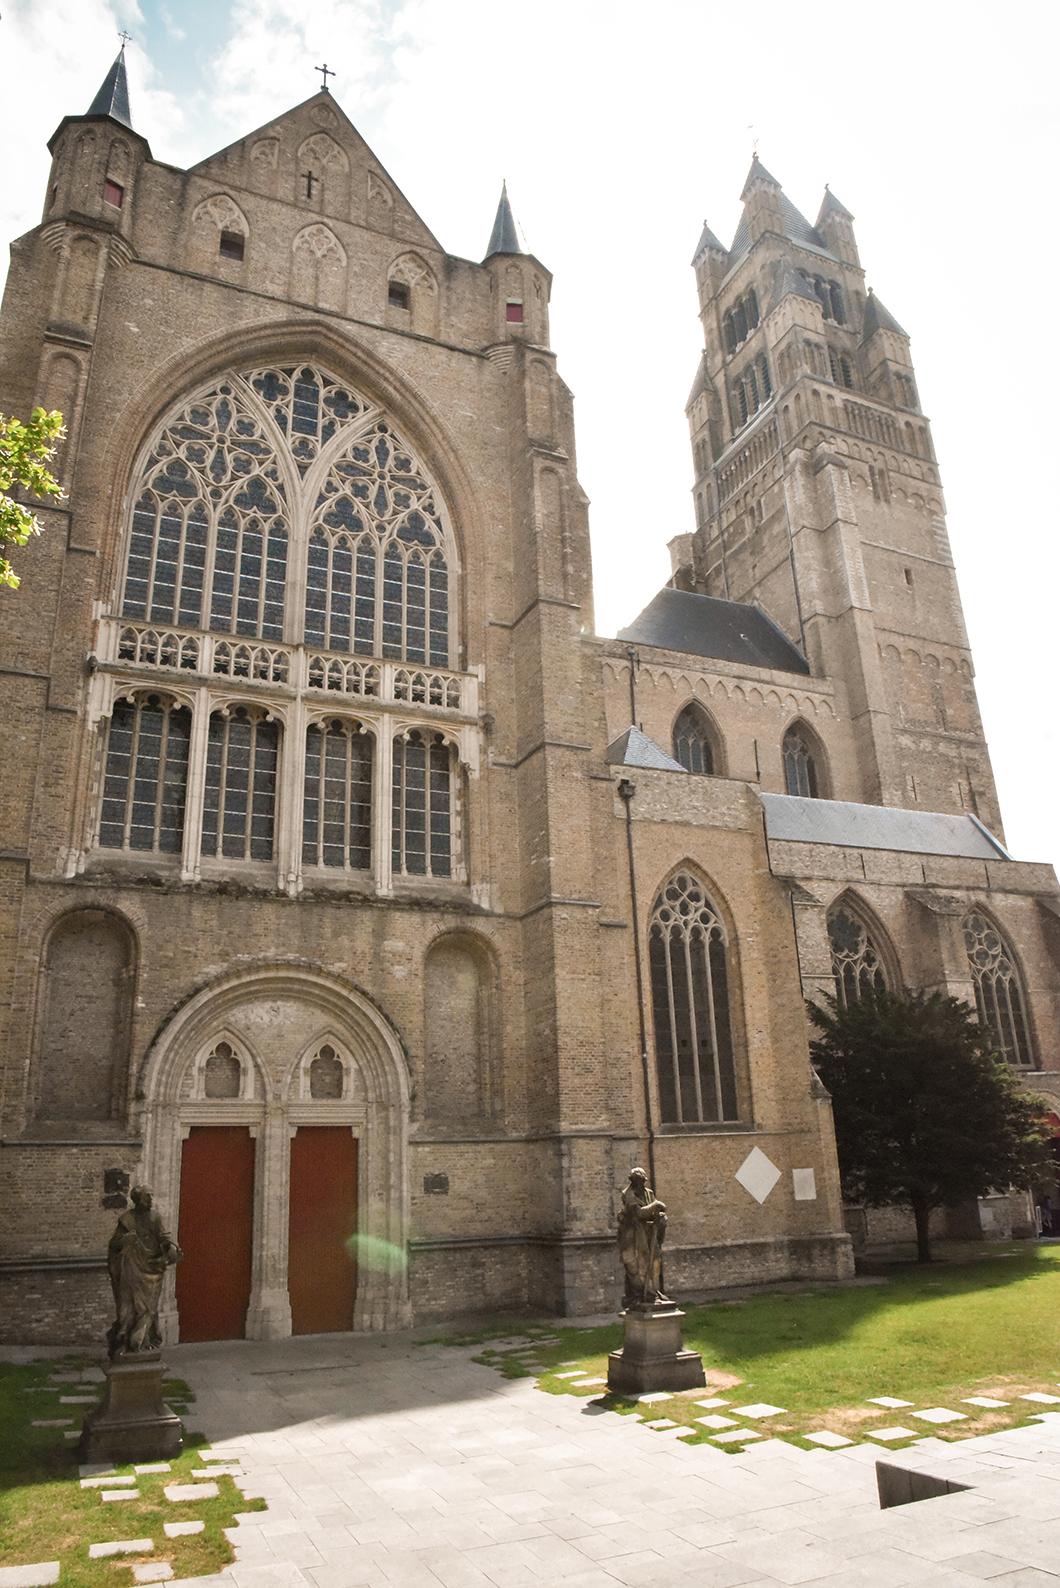 La Cathédrale Saint-Sauveur de Bruges, incontournable à Bruges